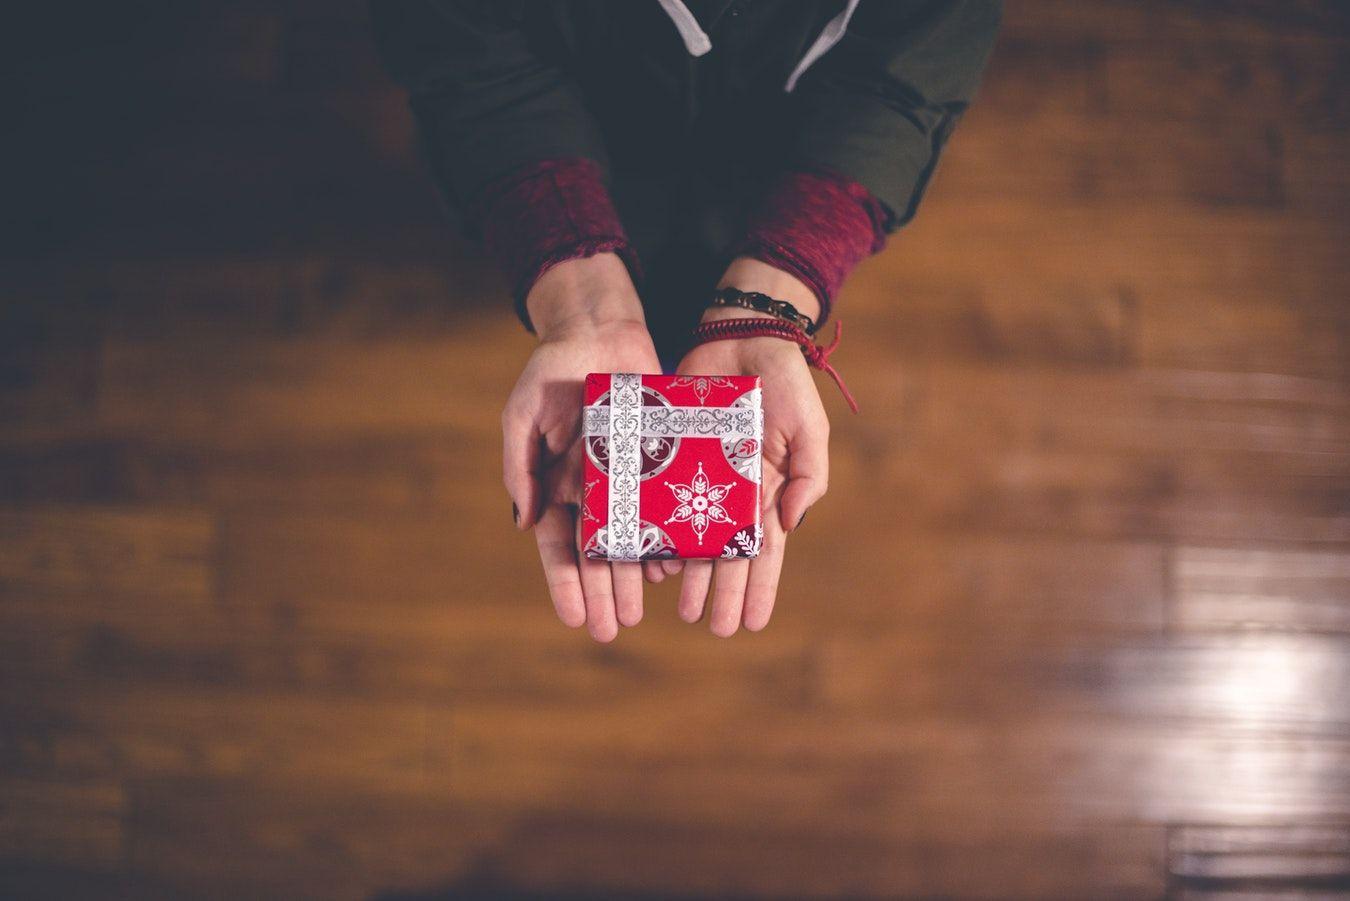 compra regalos pago móvil